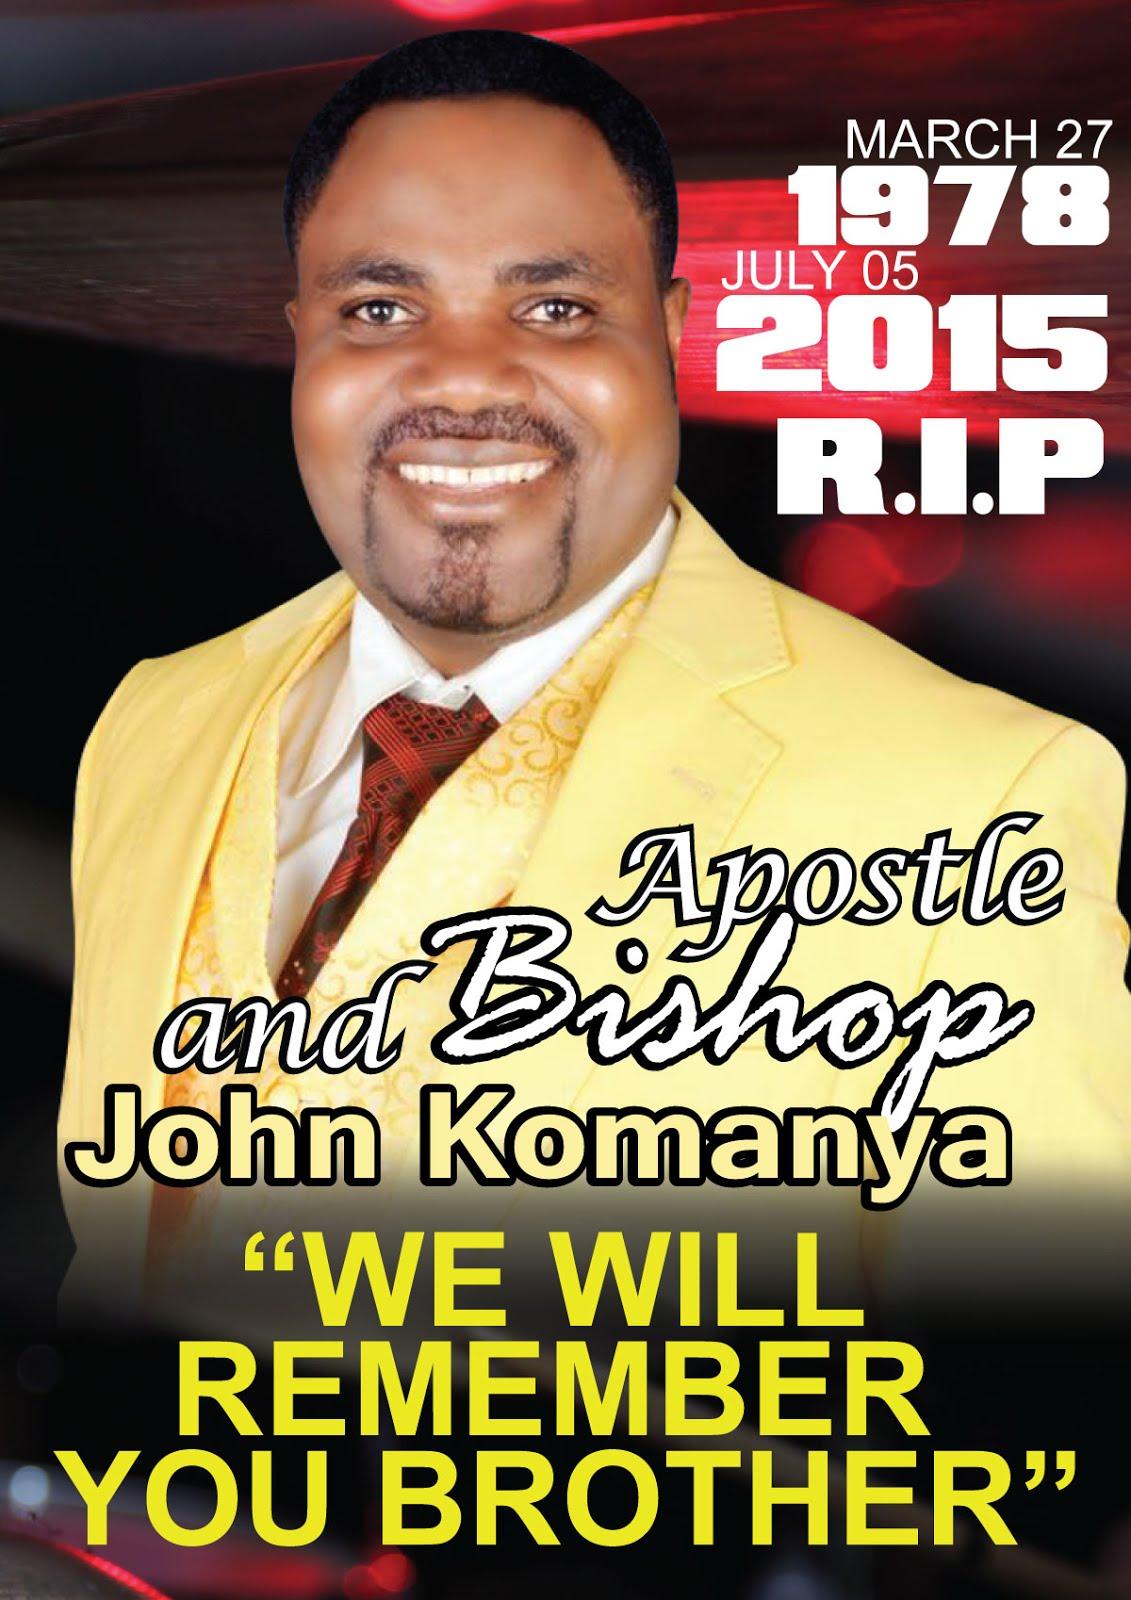 BONYEZA PICHA HAPO CHINI KUONA MATUKIO YA MAZISHI YA BISHOP  NA APOSTLE JOHN KOMANYA